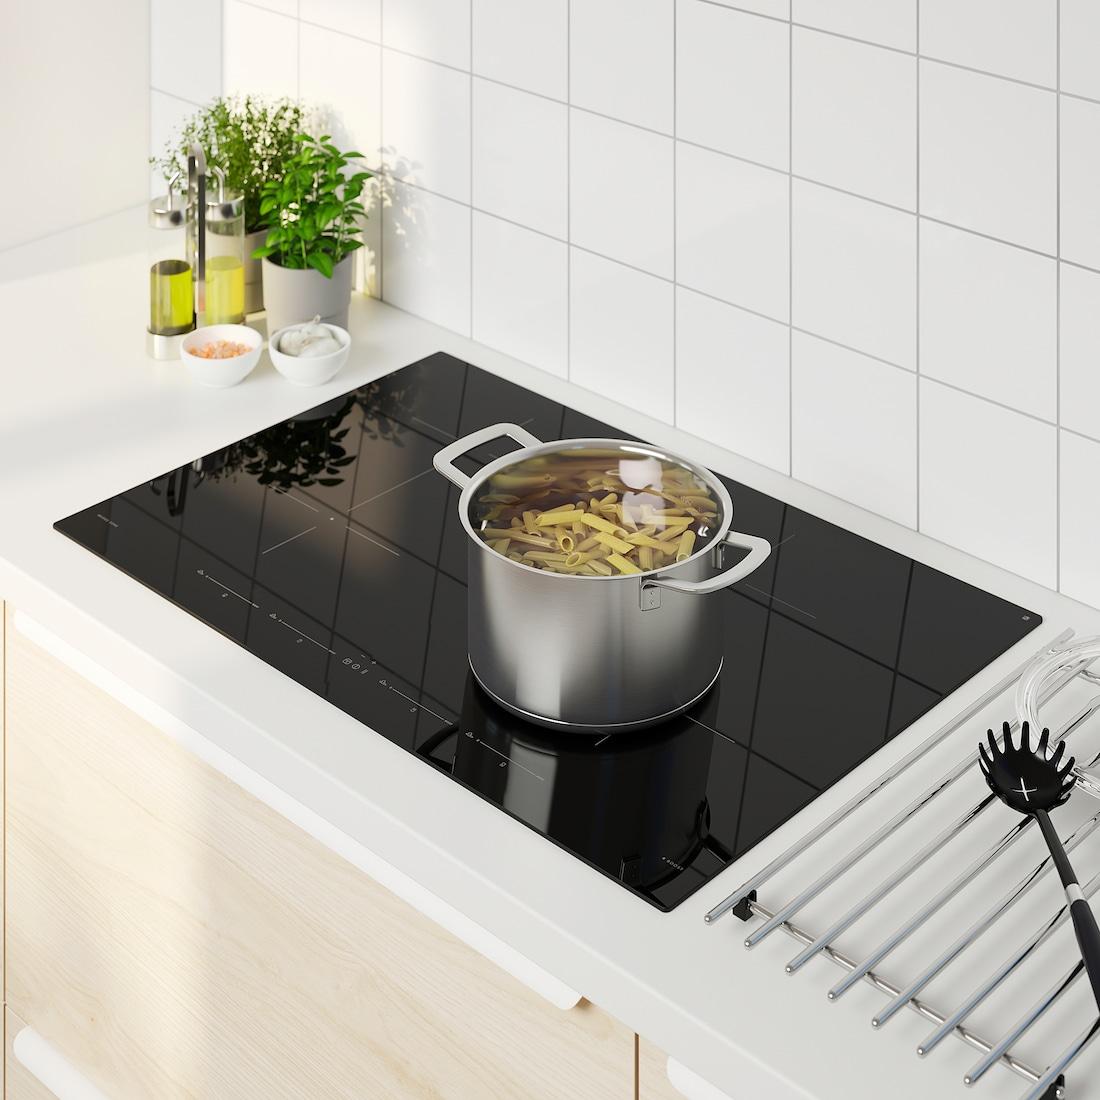 utnÄmnd table de cuisson induction  ikea 500 noir  ikea